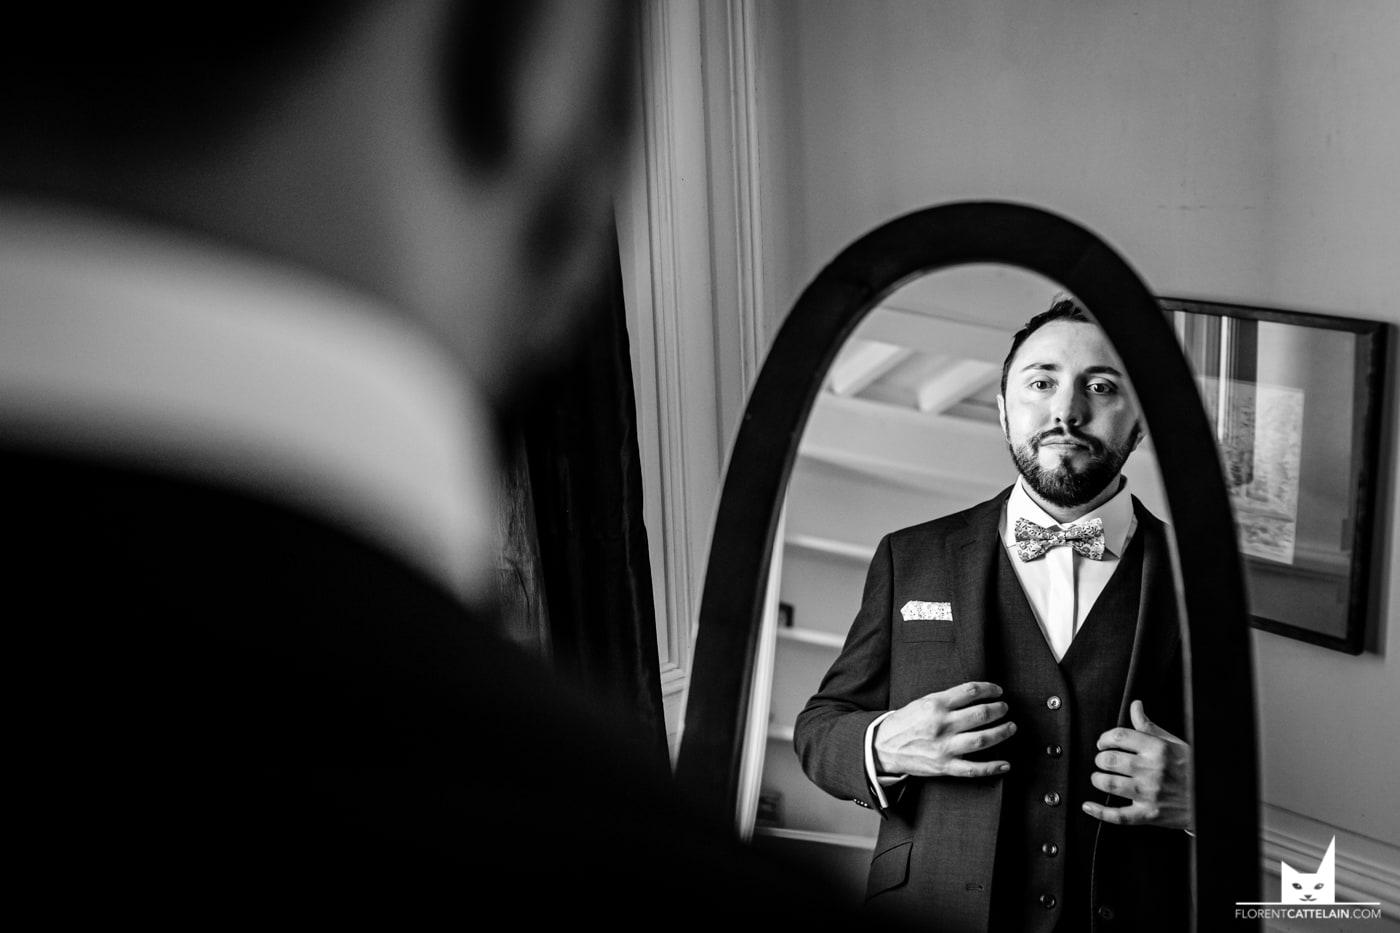 Marié devant le miroir La Dolce Vita Organisation mariage Toulouse.jpg